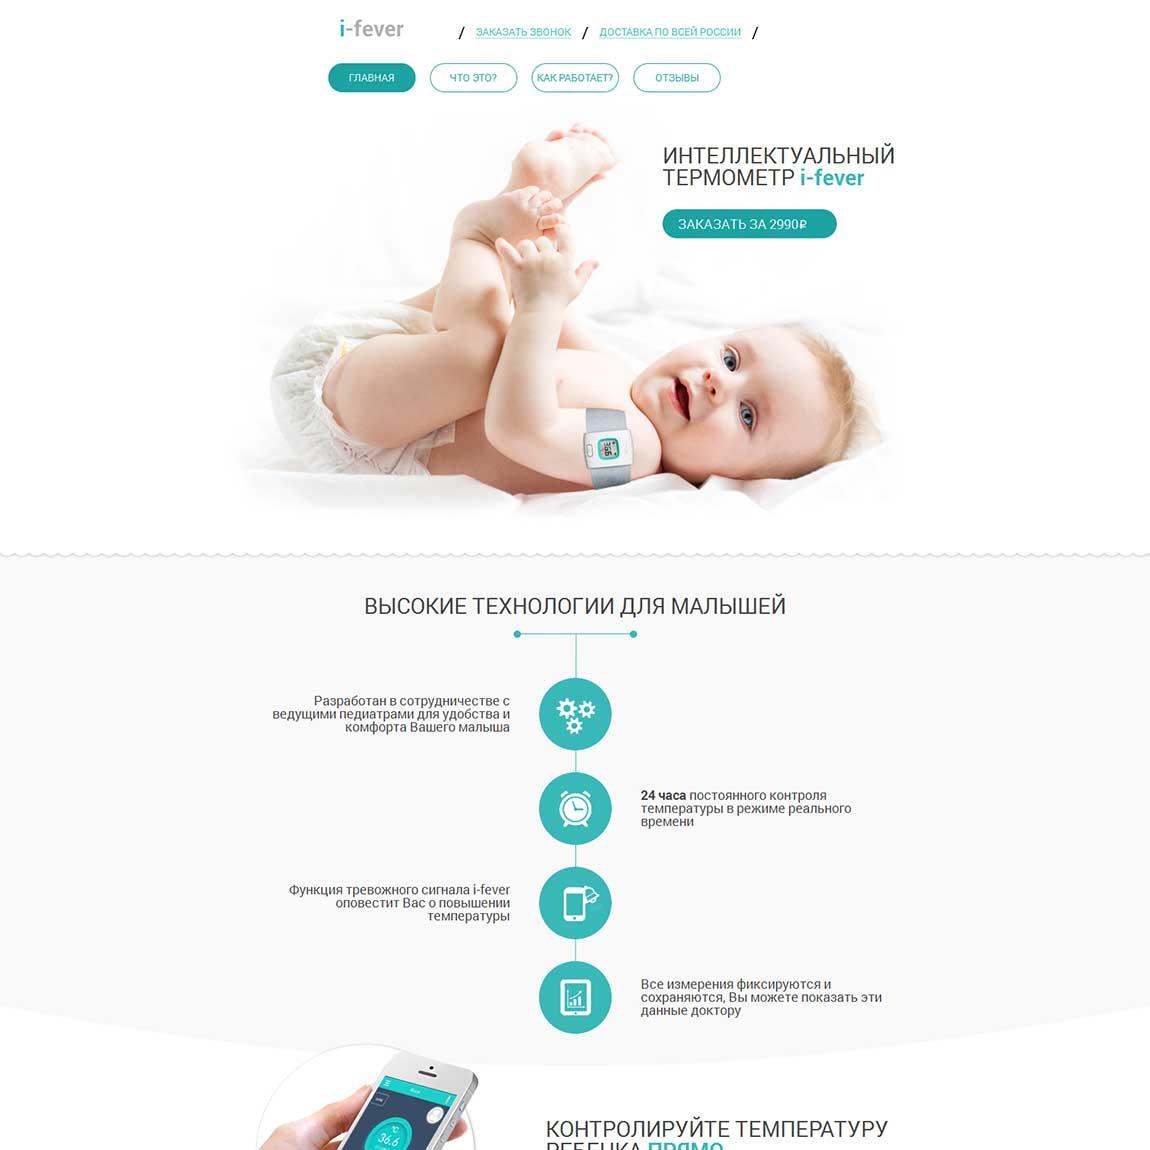 Миниатюра лендинга I-fever умный термометр для ребёнка 001